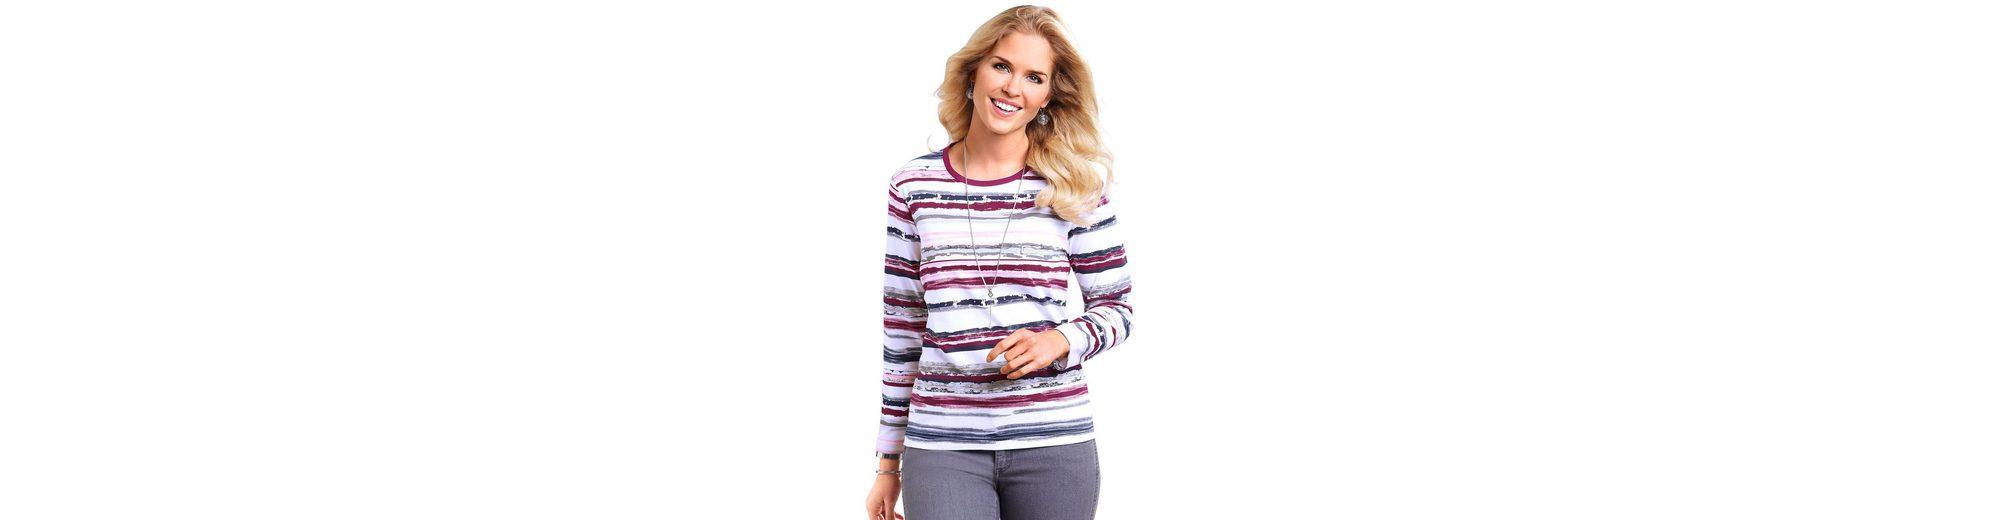 Wählen Sie Eine Beste Classic Basics Shirt im Streifen-Look  Wie Viel Preiswerte Reale Günstig Kaufen Nicekicks VAHppOd8c